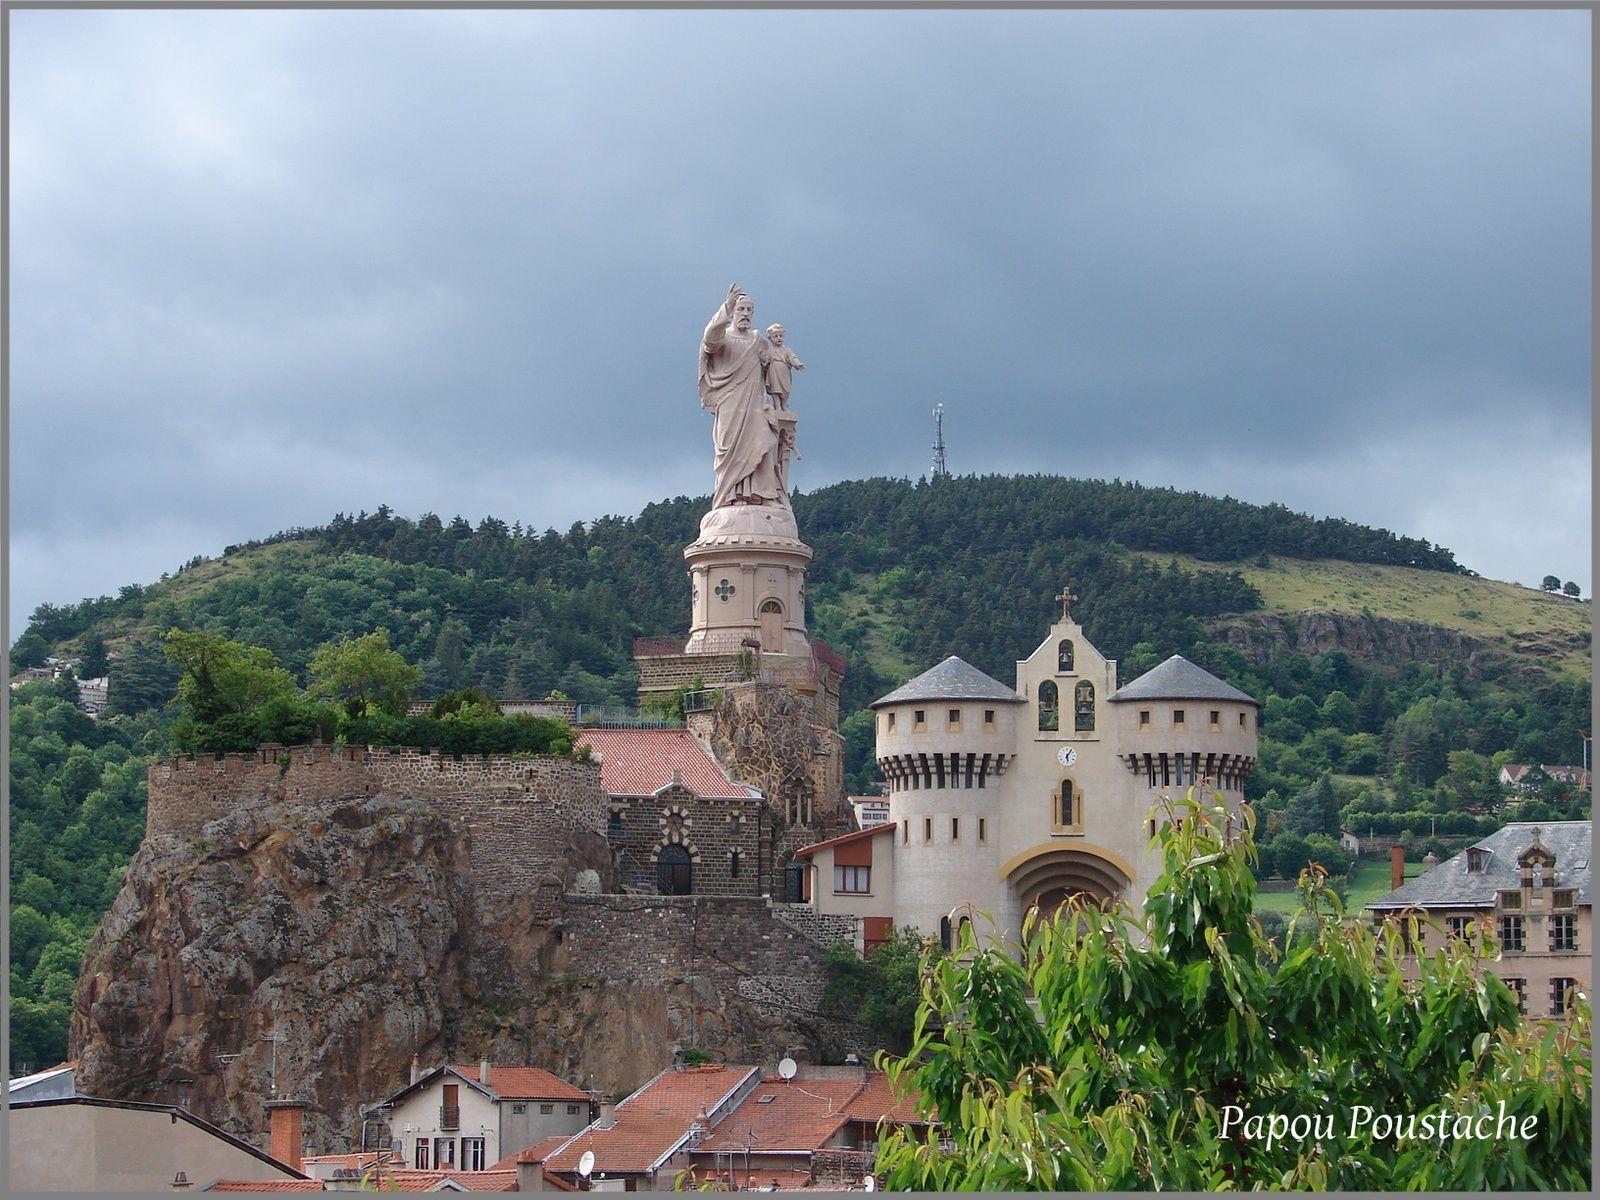 Patrimoine auvergnat: La statue Saint Joseph à Espaly